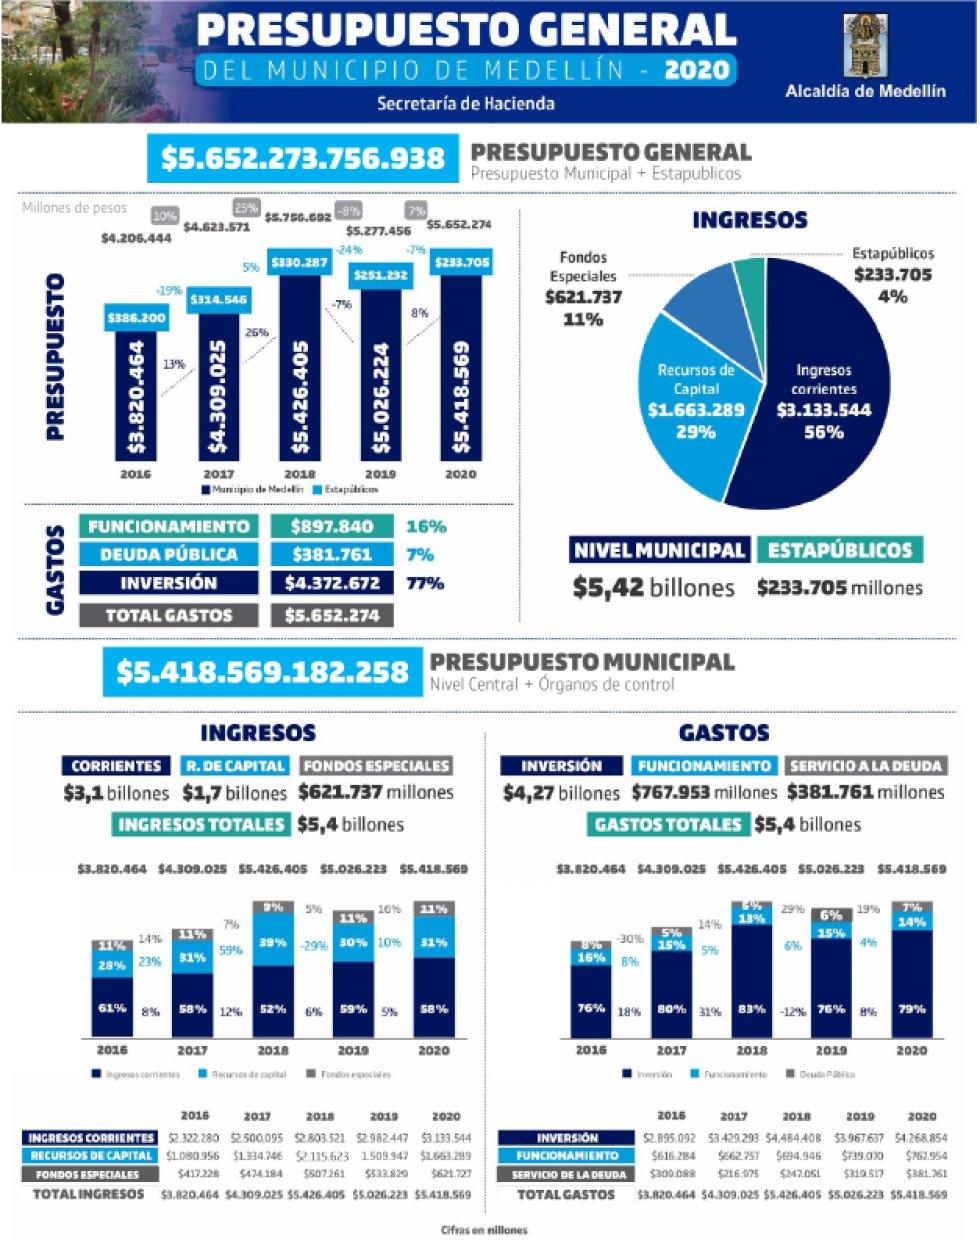 Así será el presupuesto general de Medellín en 2020: Así será el presupuesto general de Medellín en 2020